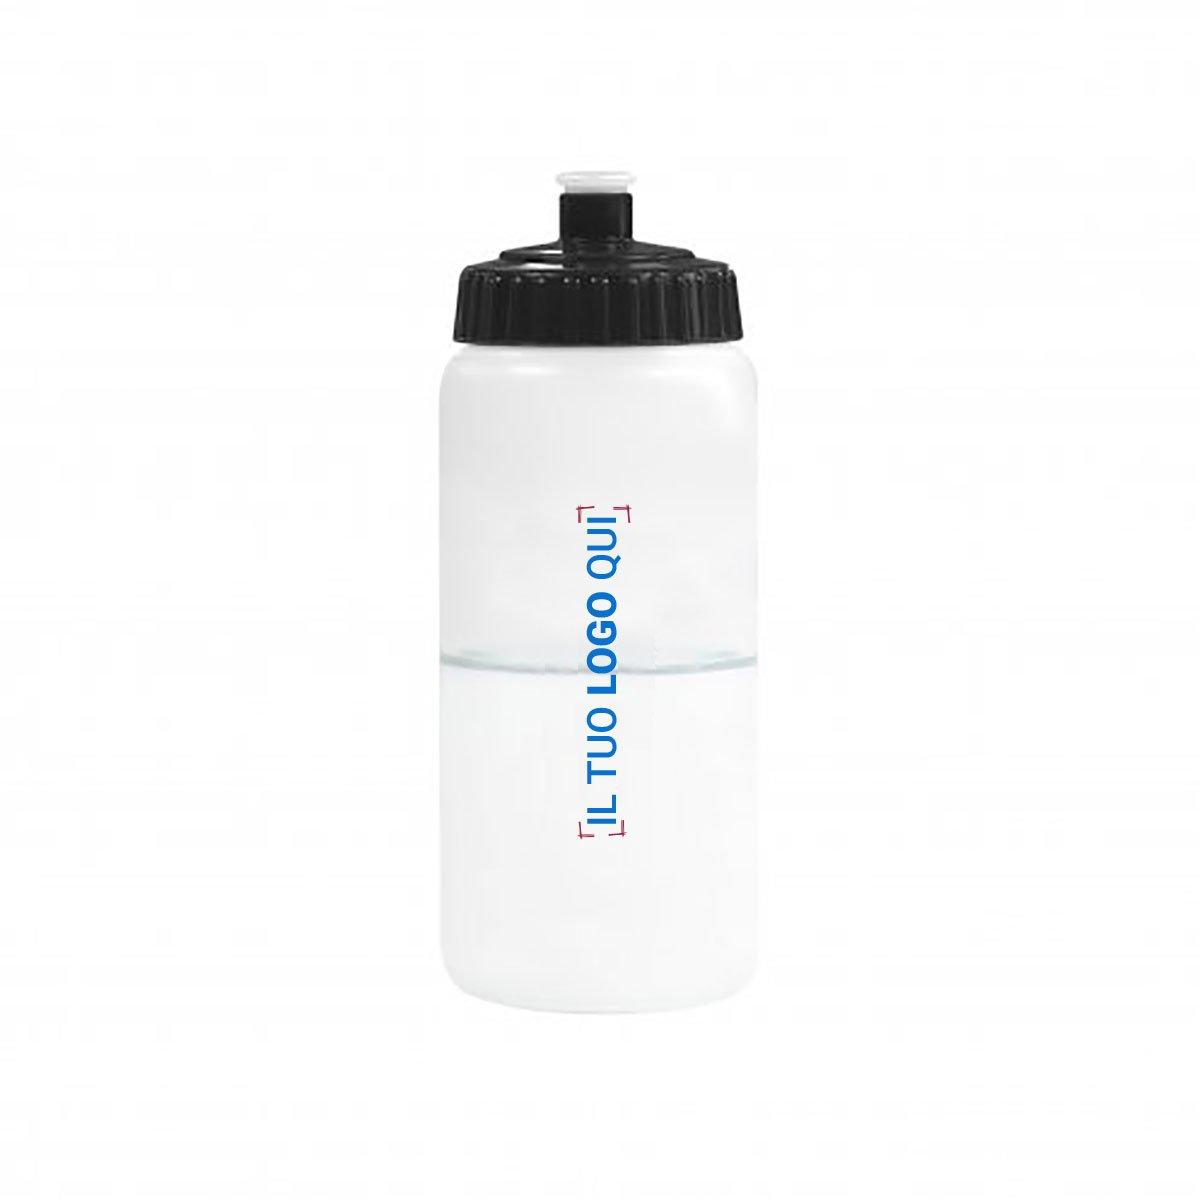 Borraccia 500ml in bioplastica personalizzata